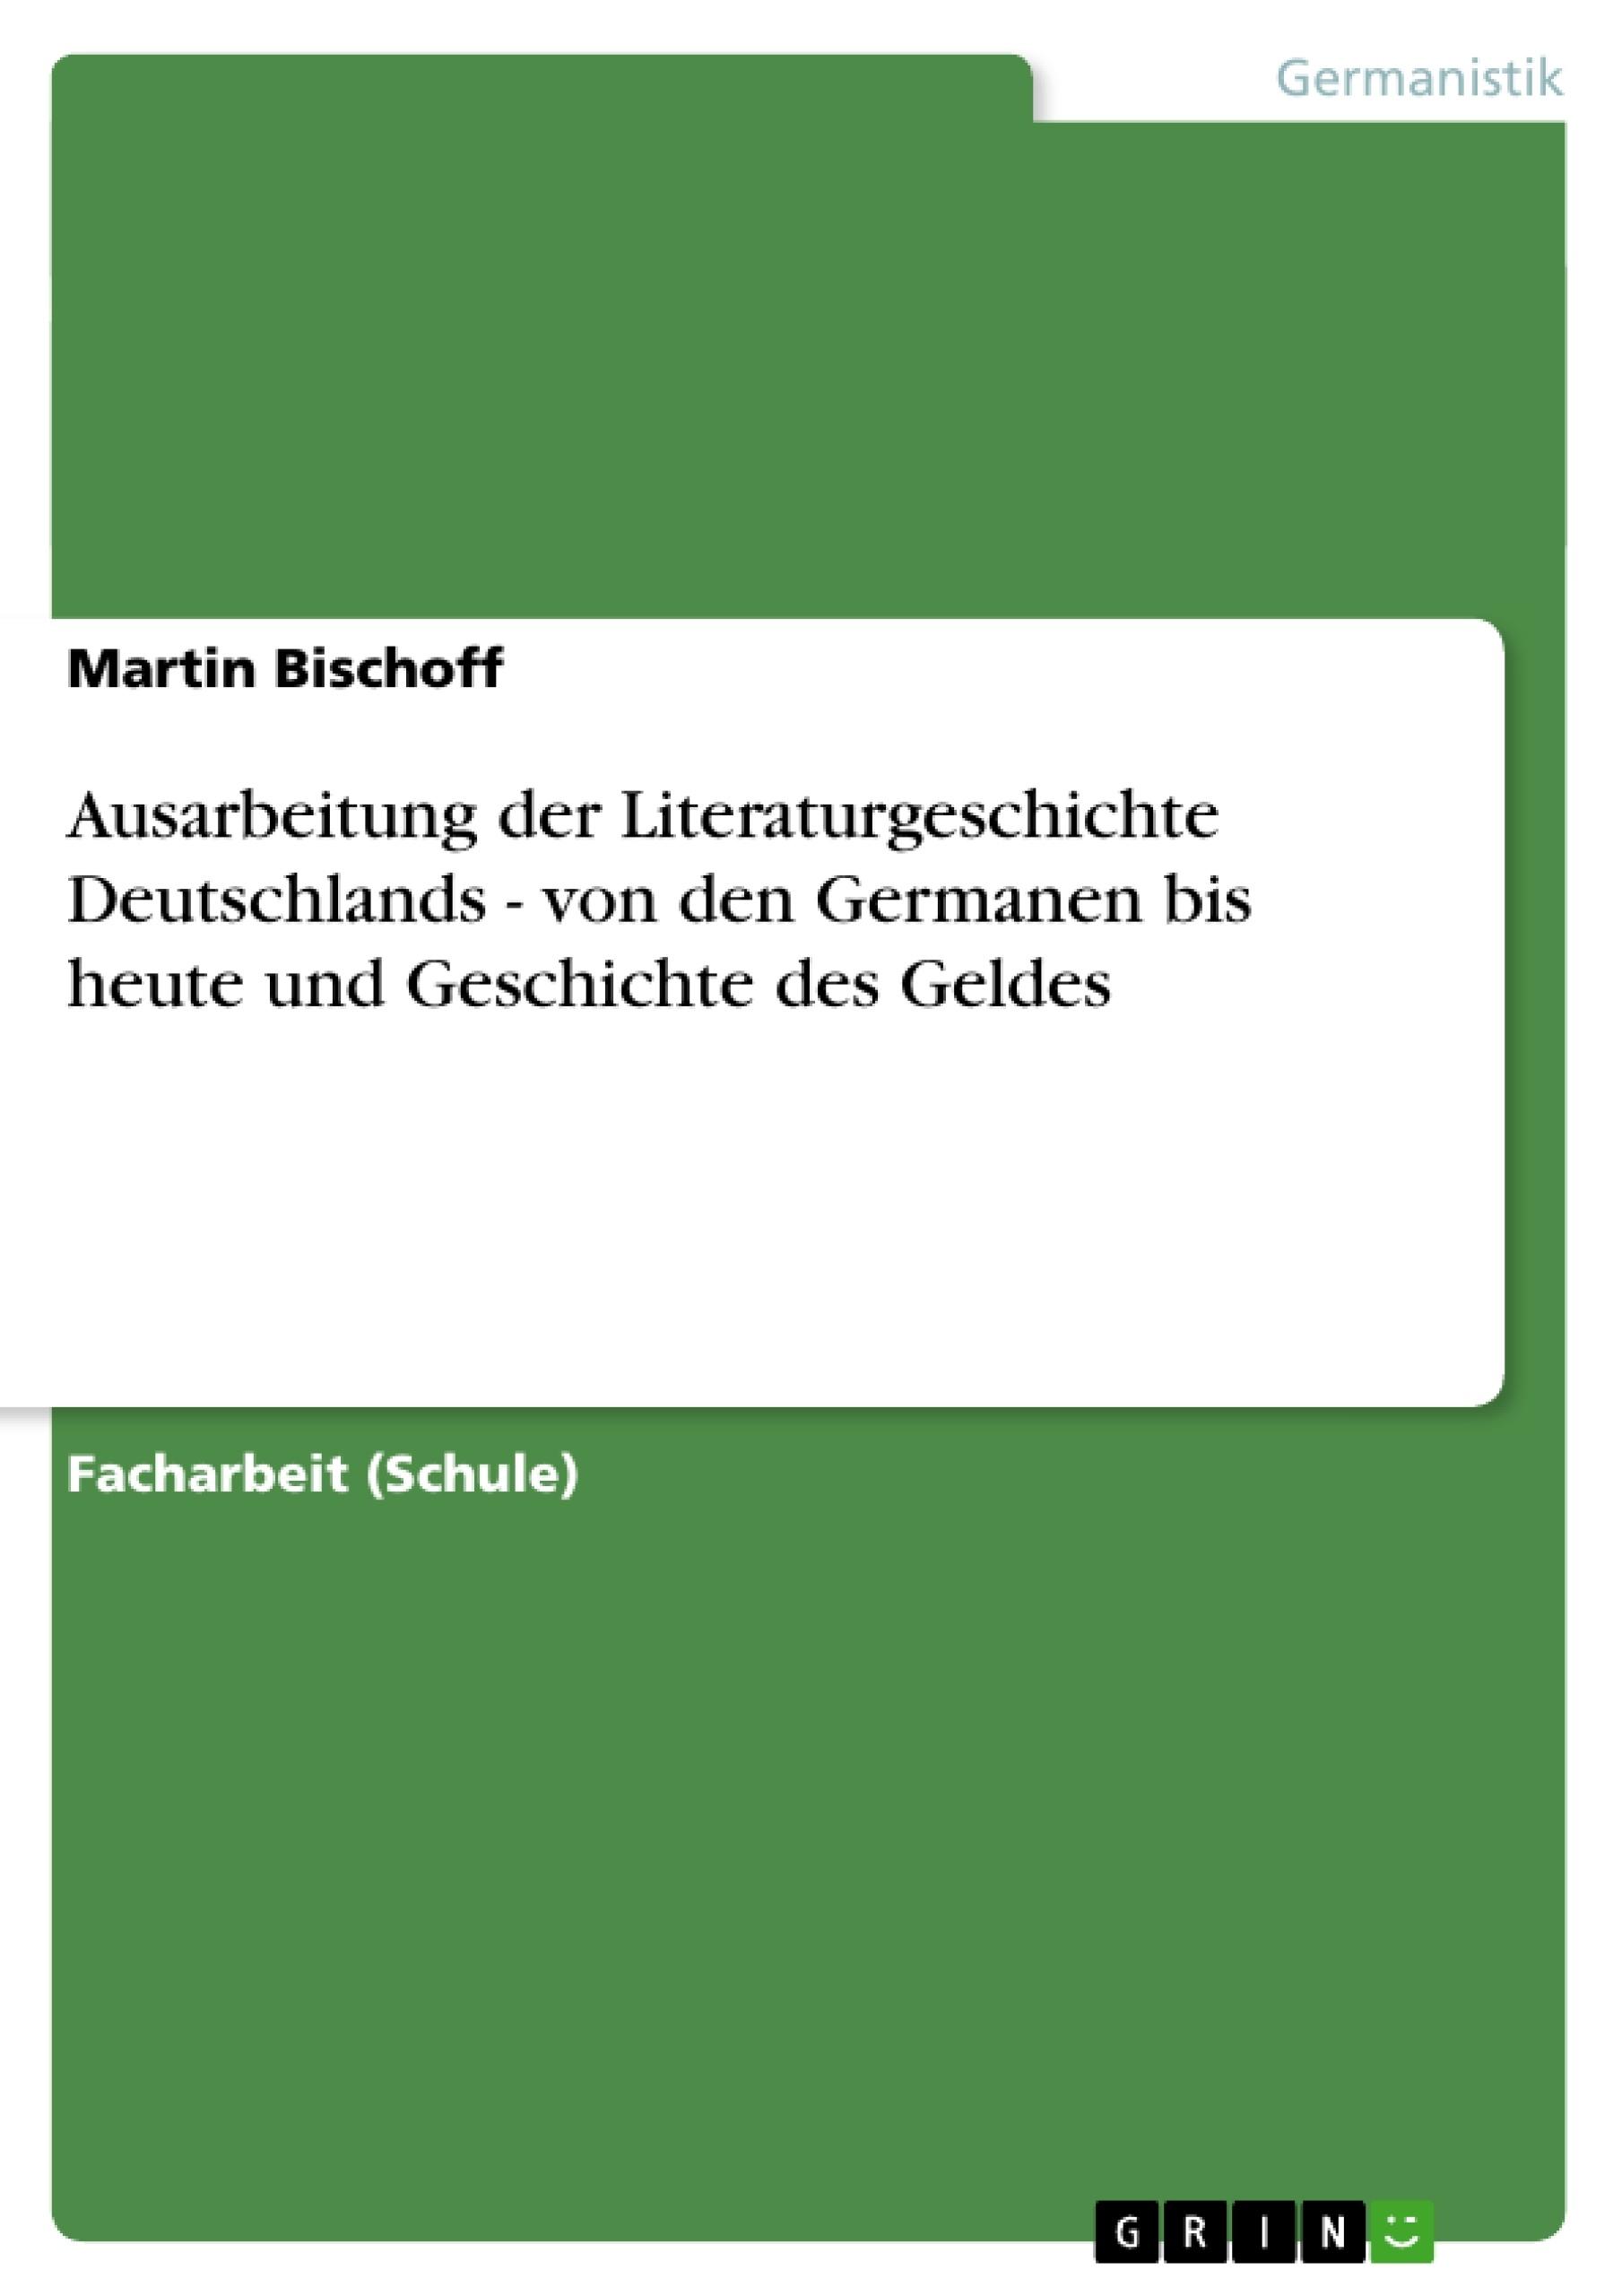 Titel: Ausarbeitung der Literaturgeschichte Deutschlands - von den Germanen bis heute und Geschichte des Geldes